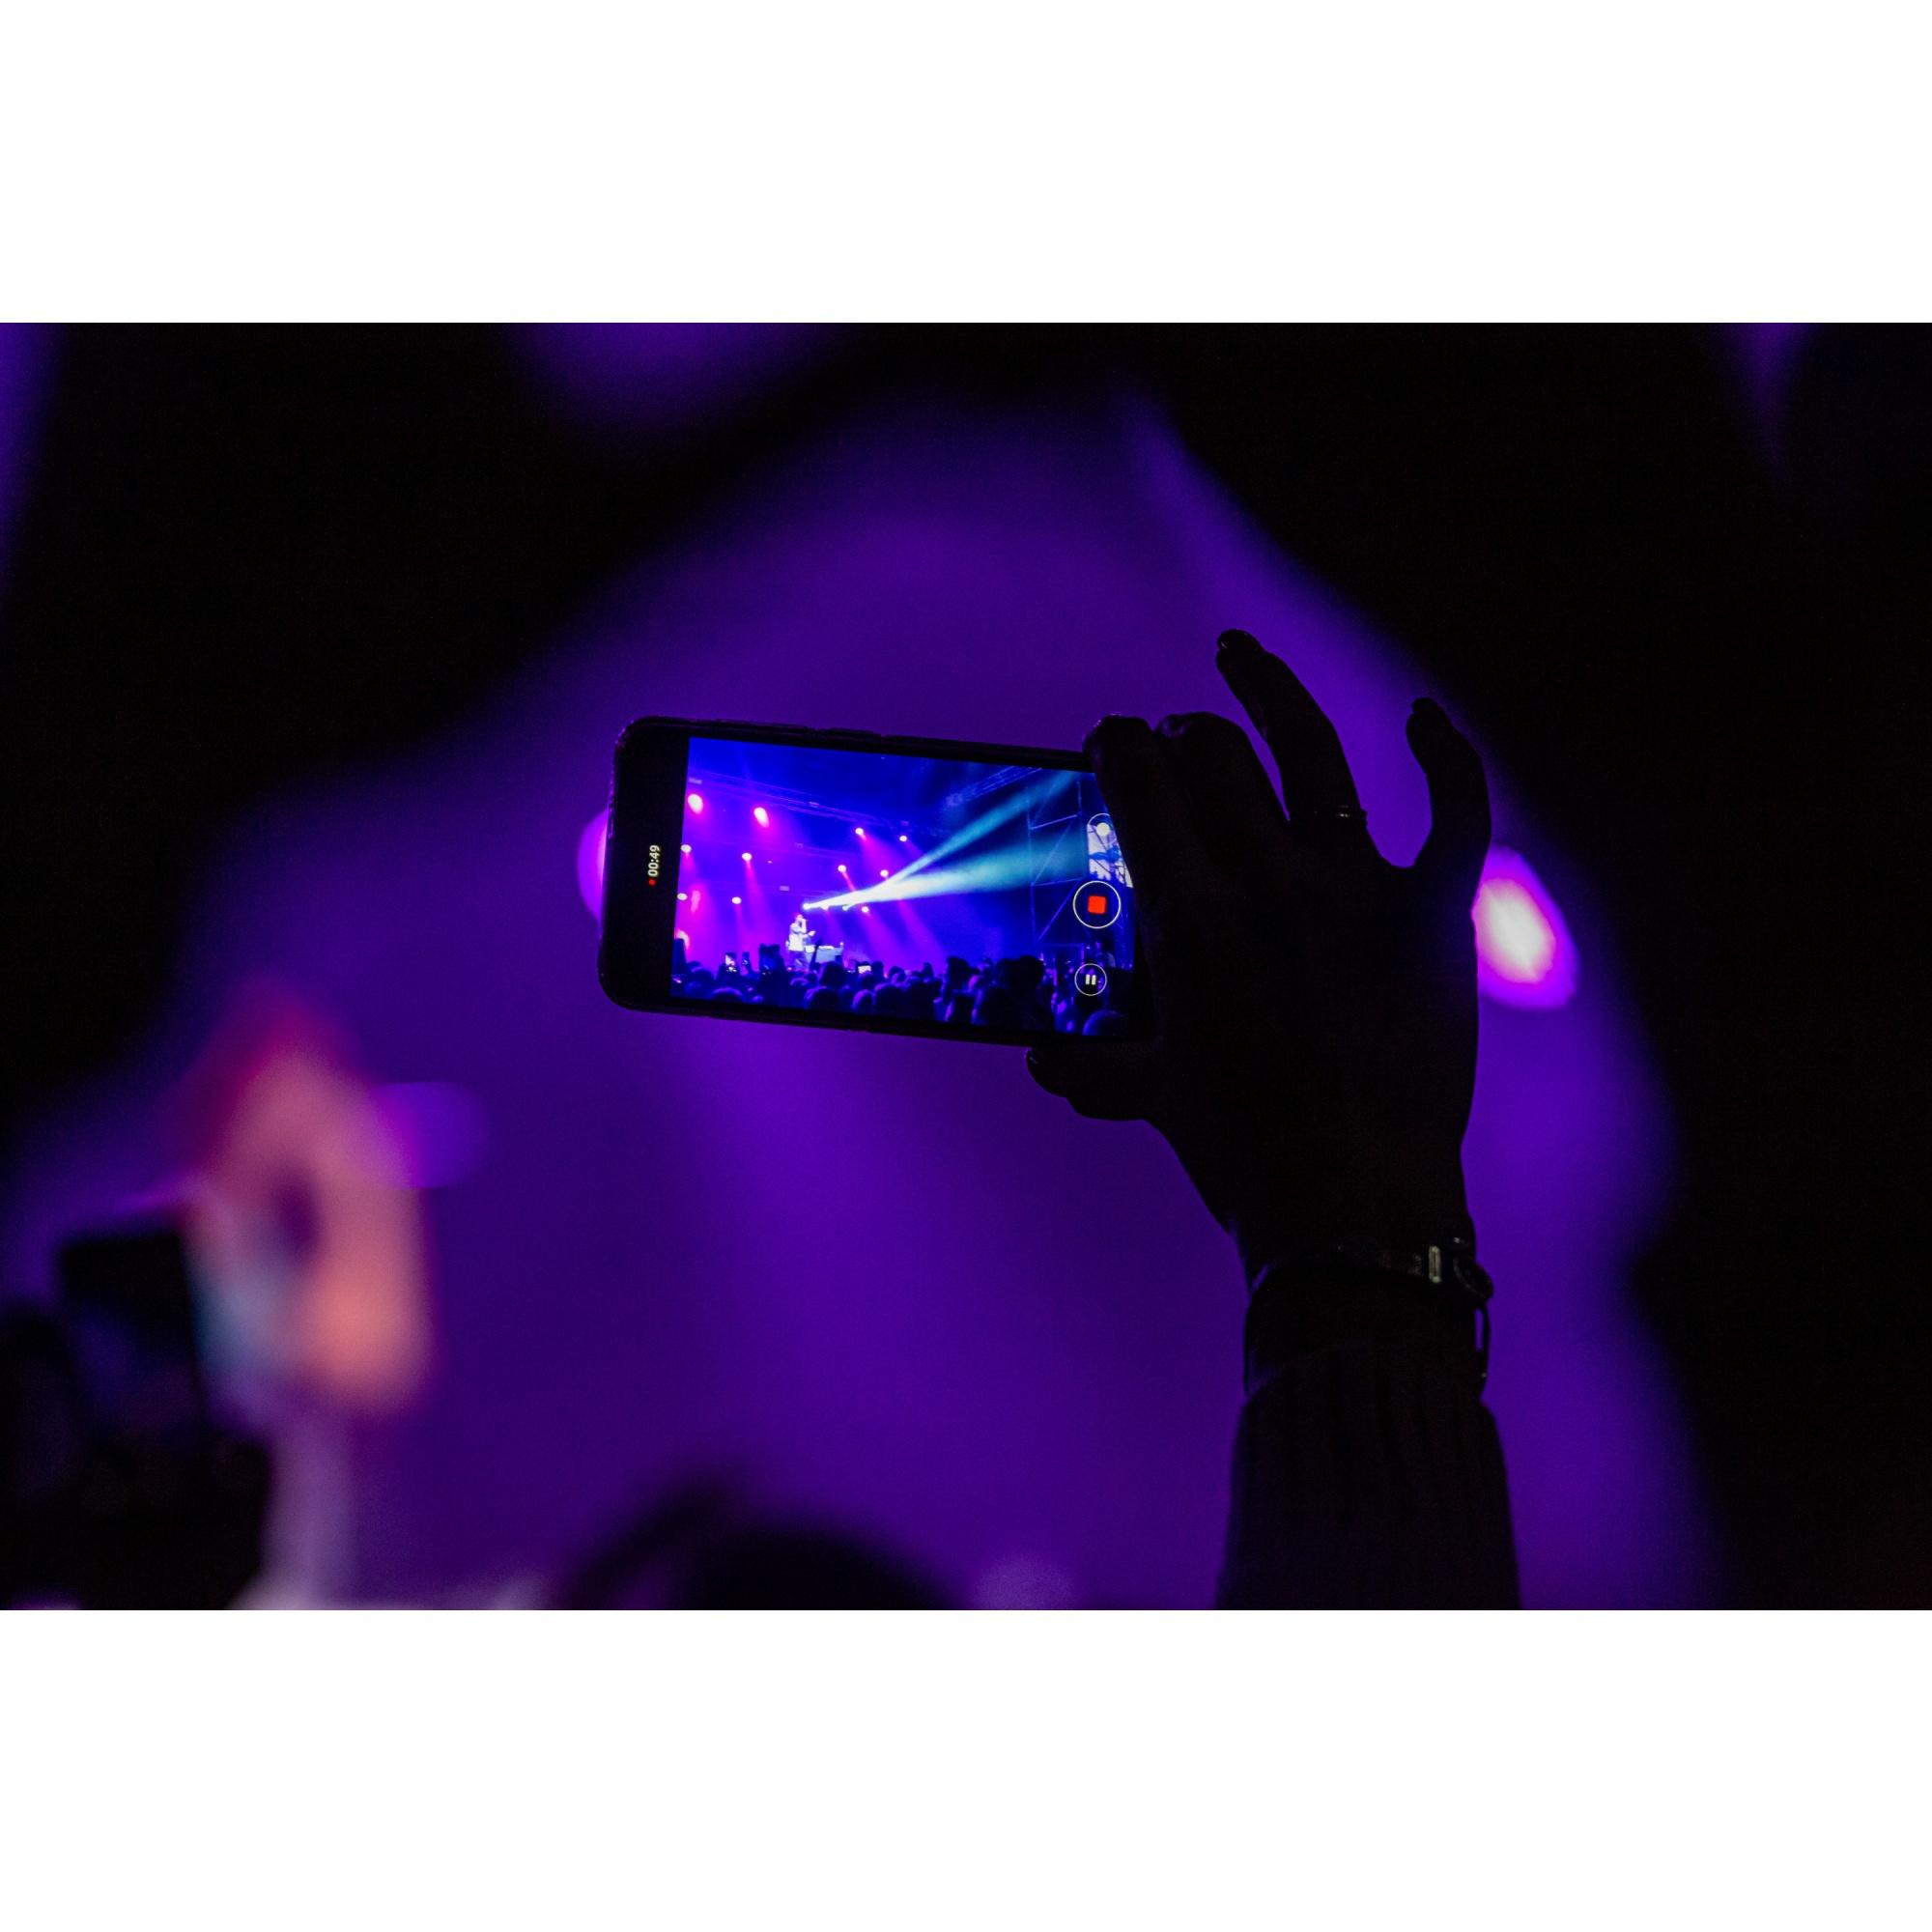 Концерт белорусского рэпера состоялся 12 октября в Экспоцентре